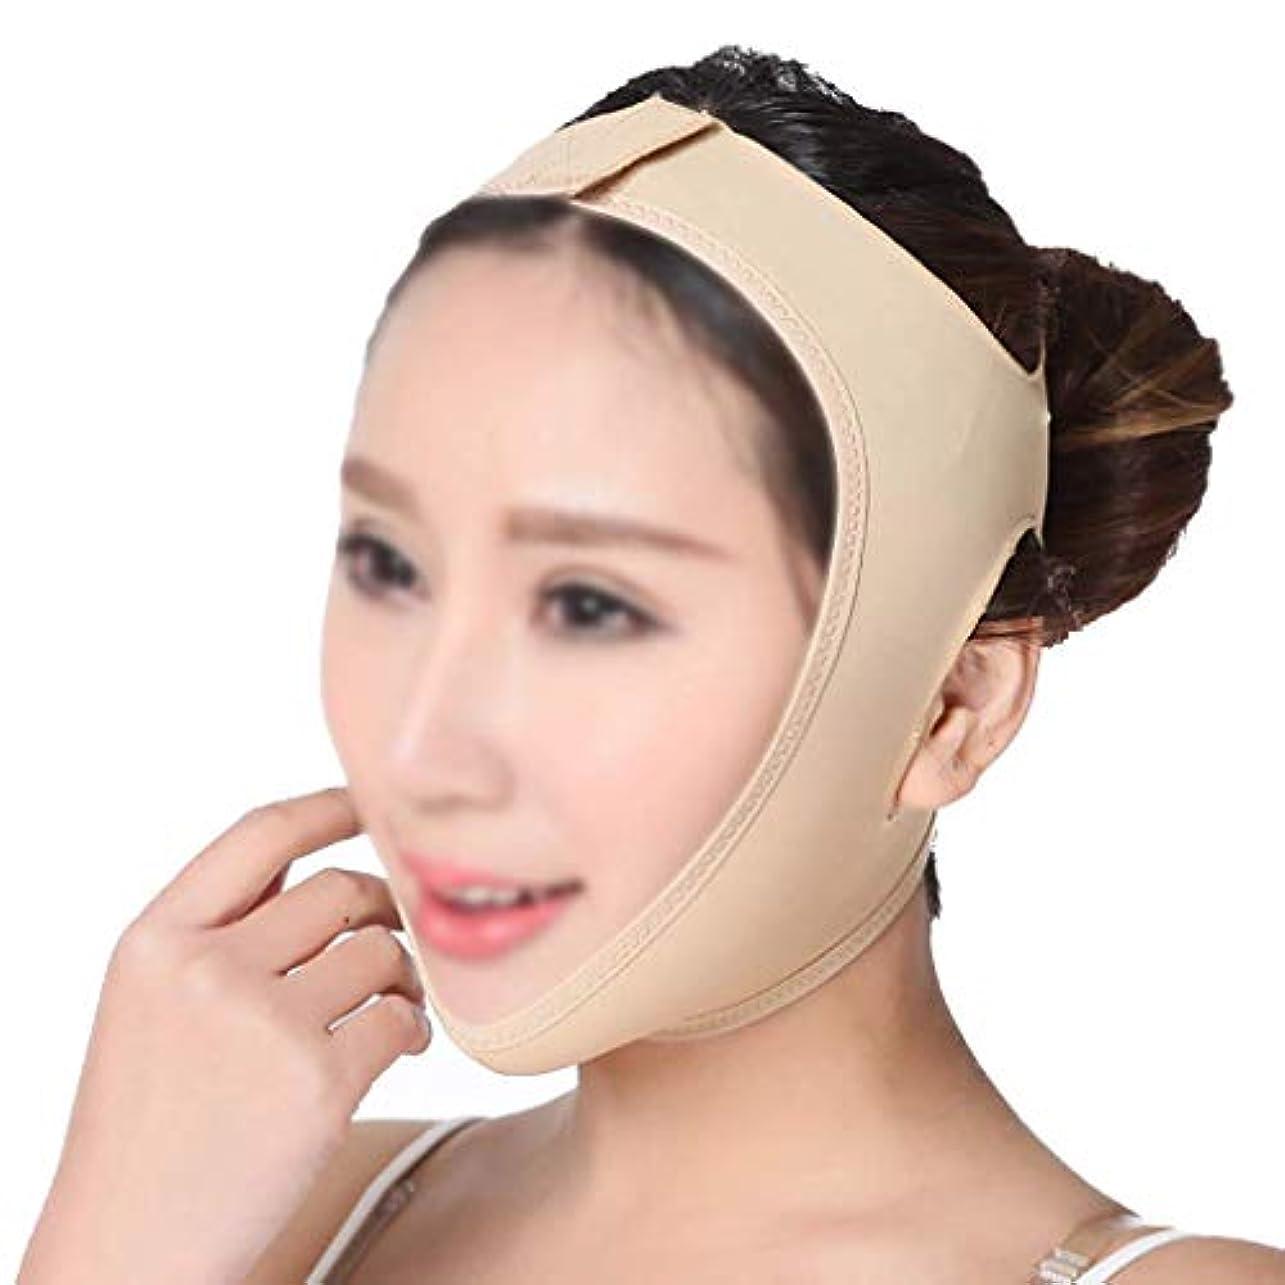 ピボット最少イライラするフェイスリフティングマスク、リフティングチン、フェイシャルスキン、頬垂れ防止、快適で 生地、詰まることを拒否、着用が簡単(サイズ:M),M